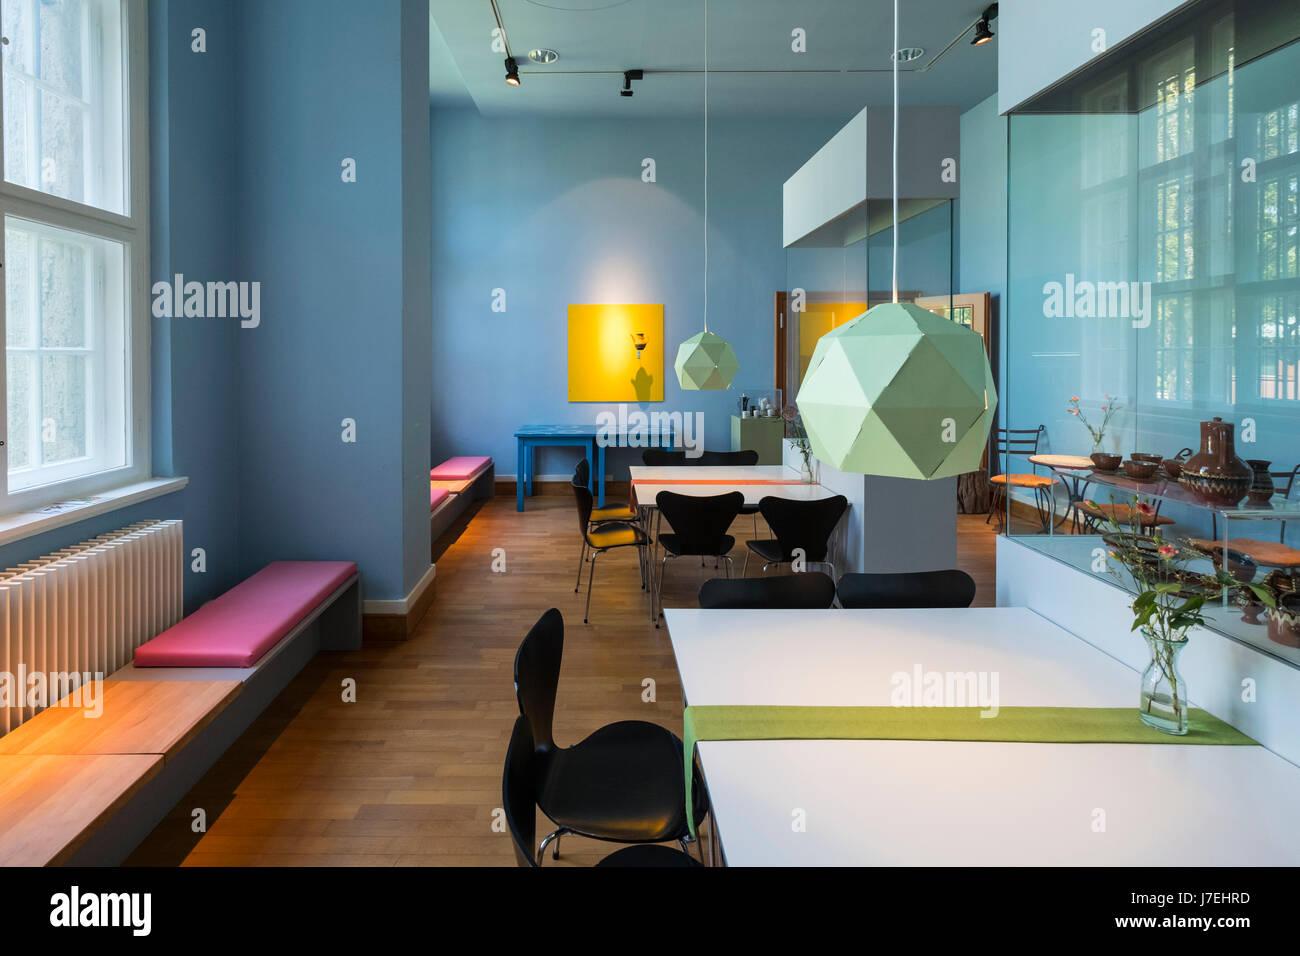 Interior de cafe en el Museo de Culturas Europeas en Dahlem, Berlin, Alemania Imagen De Stock